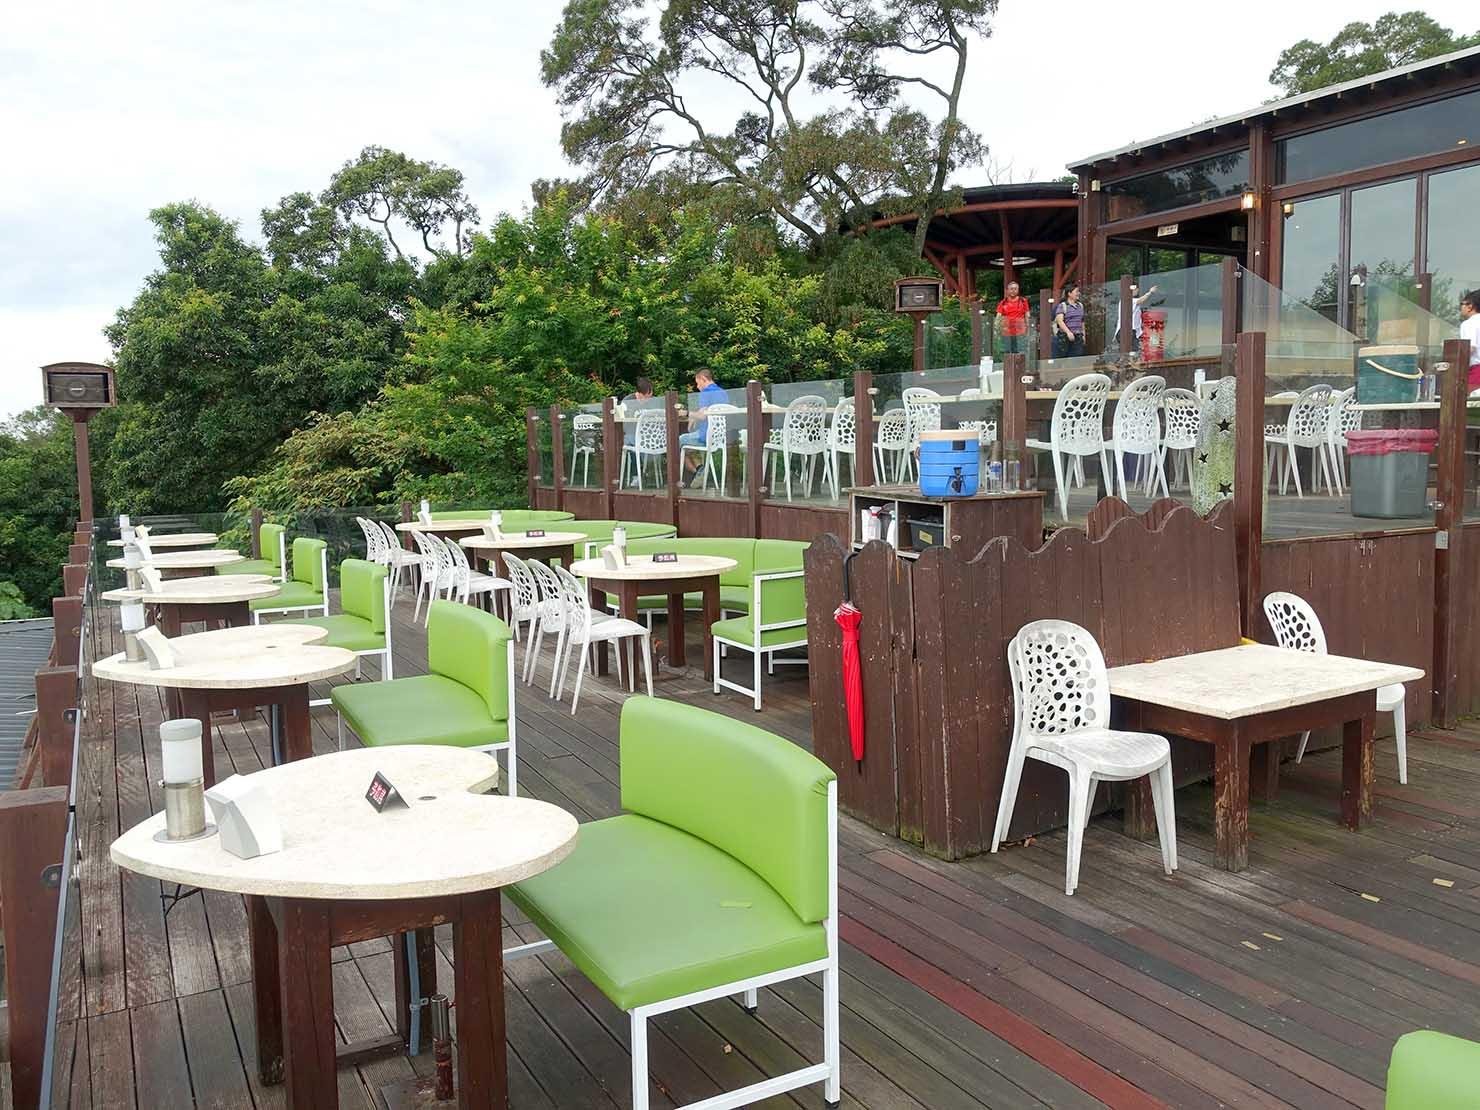 台北・陽明山のレストラン「草山夜未眠」のテーブル席